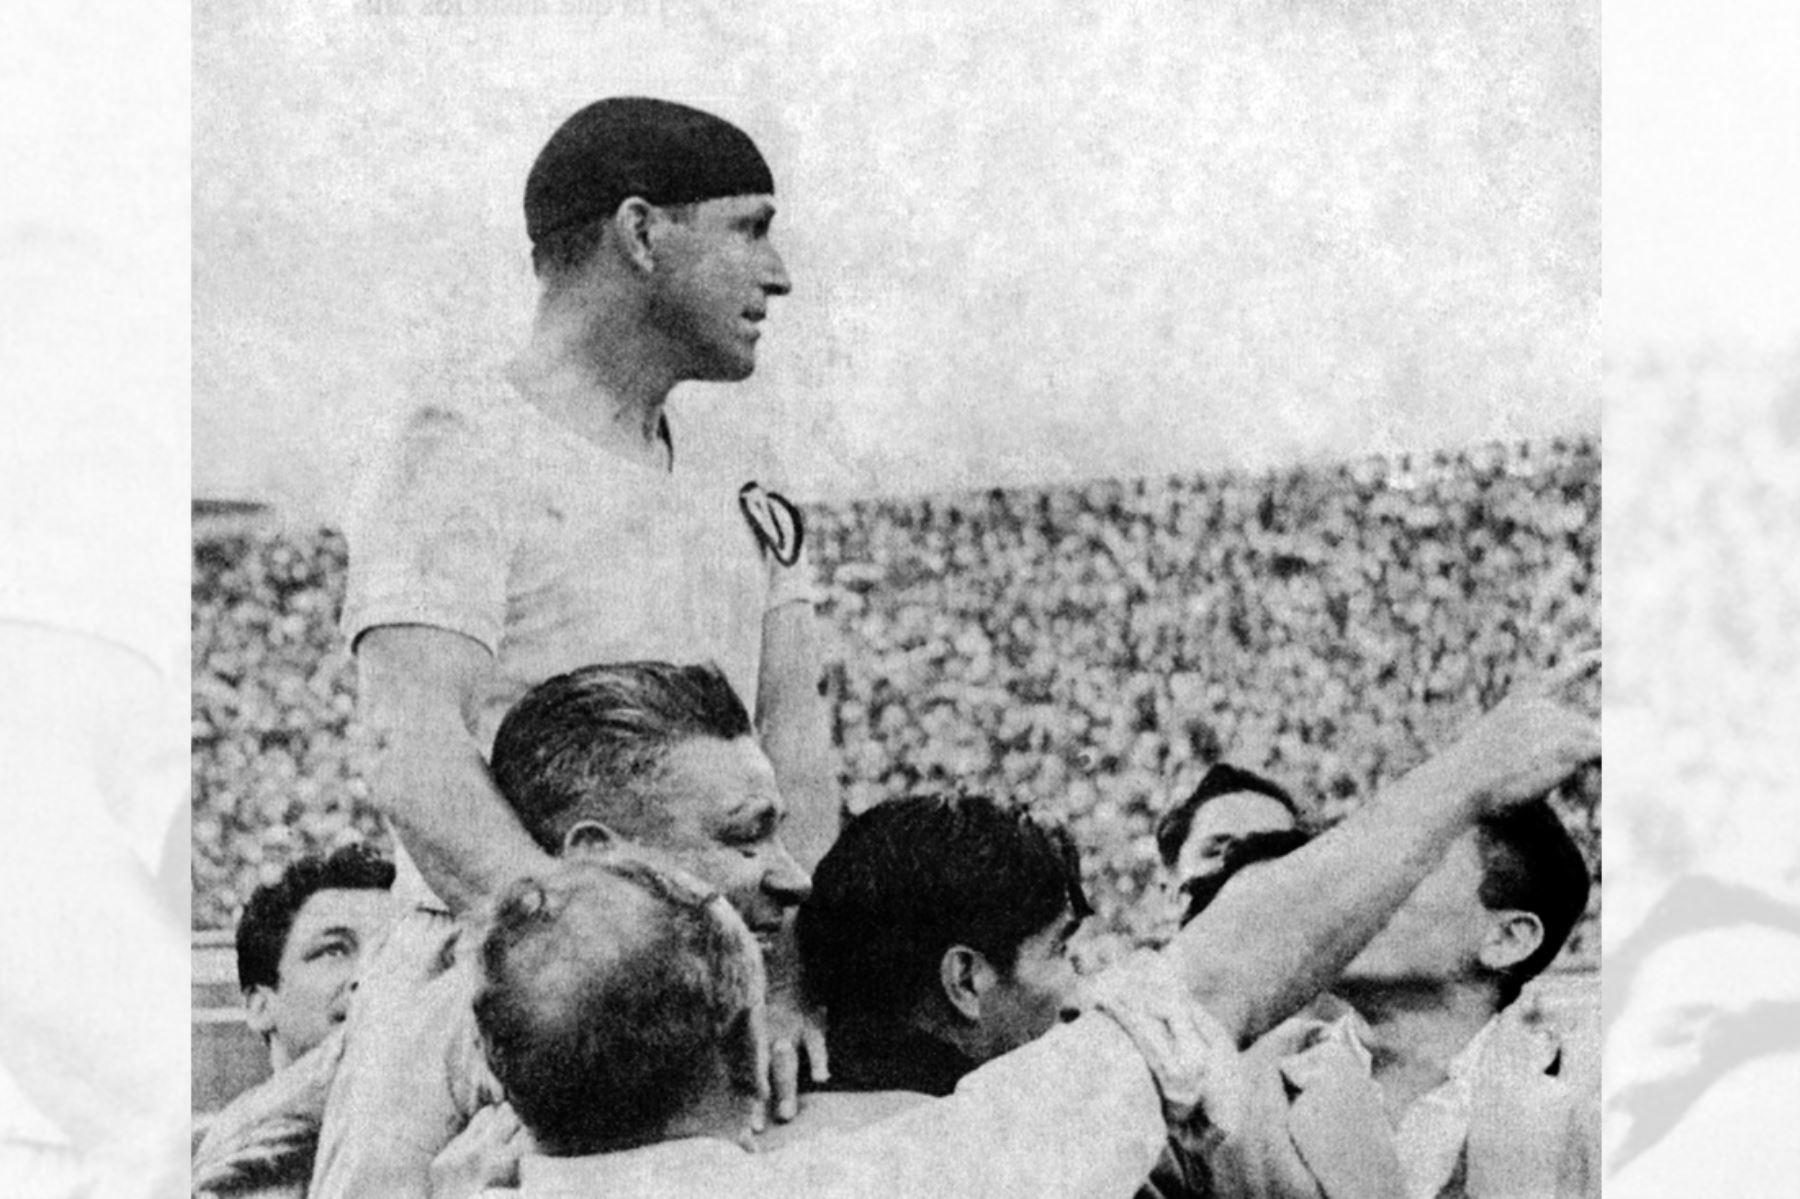 """Teodoro """"Lolo"""" Fernández en hombros de los hinchas de Universitario de Deportes el día de su despedida en el Estadio Nacional el 30 de agosto de 1953. Foto: Archivo El Peruano"""